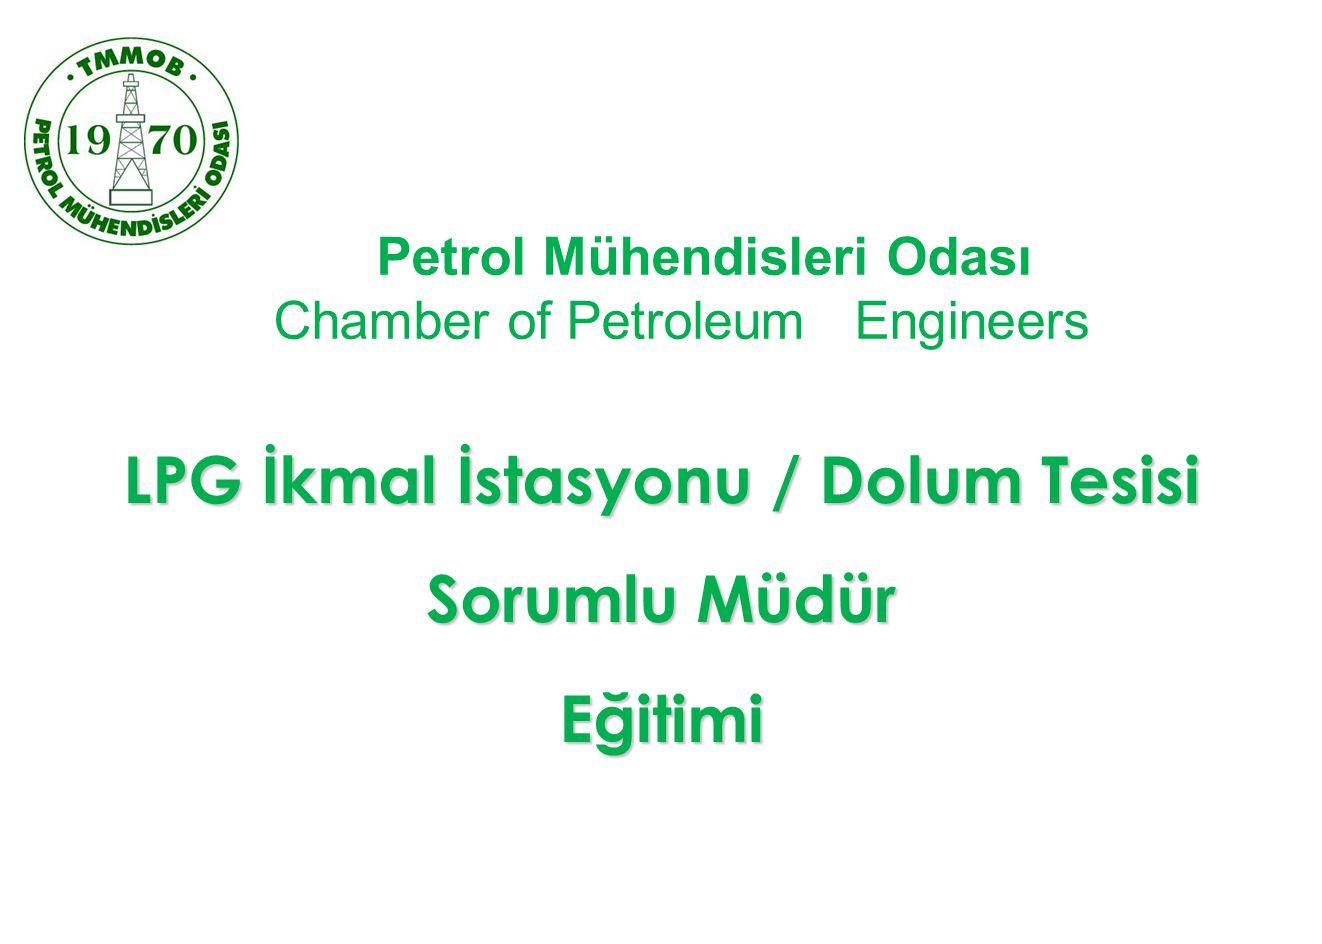 - LPG İkmal İstasyonu / Dolum Tesisi Sorumlu Müdür Eğitimi Sıvılaştırılmış Petrol Gazları (LPG) Piyasası Kanunu ve Elektrik Piyasası Kanununda Değişiklik Yapılmasına Dair Kanun (13/03/2005 tarih ve 25754 sayılı Resmi Gazete-5307)